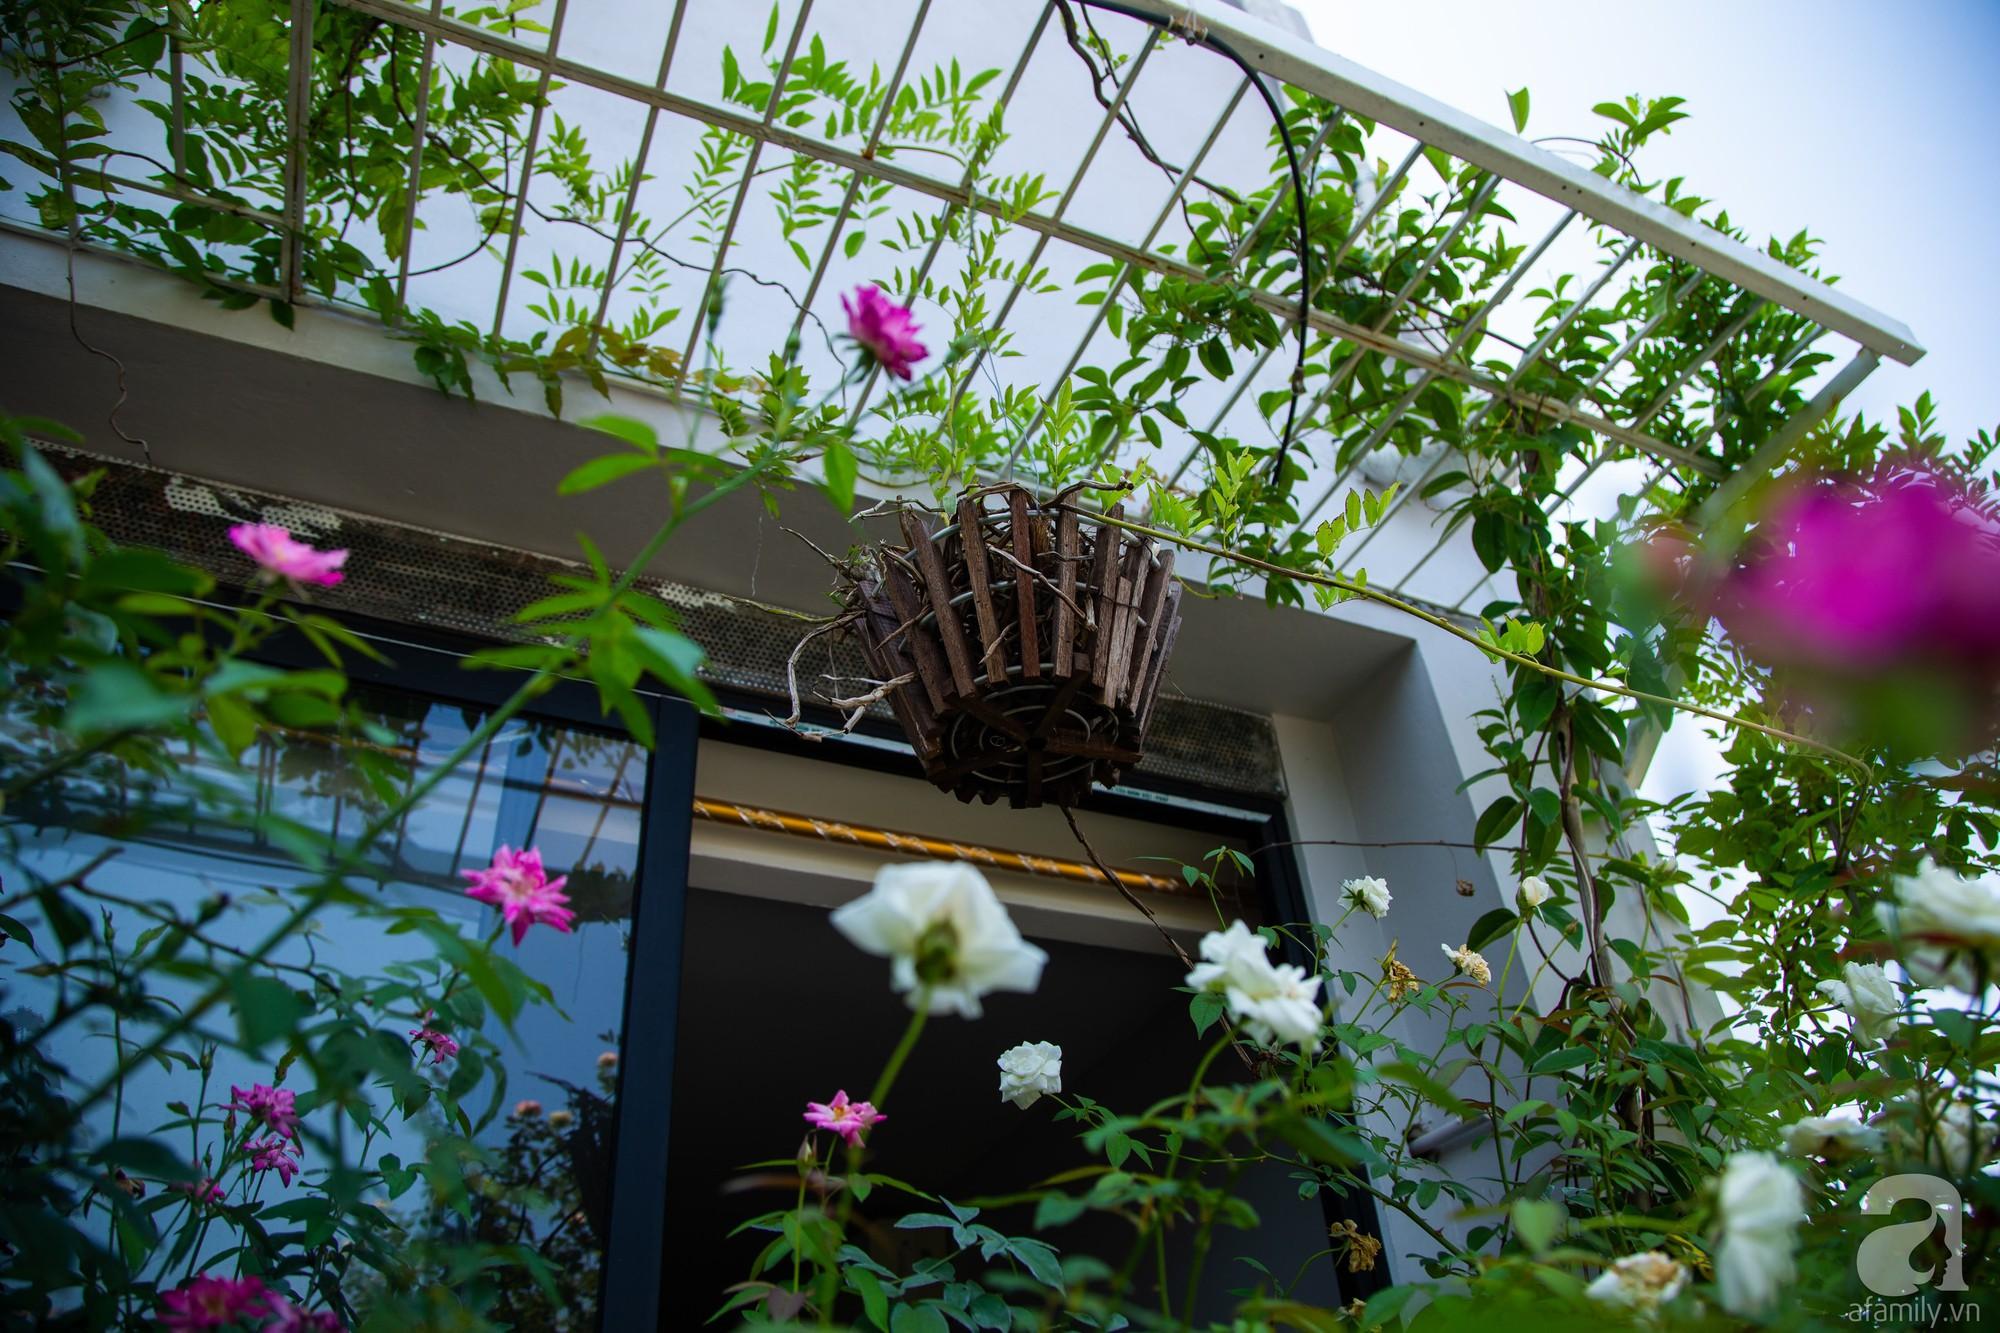 Khu vườn trên sân thượng rộng 200m² đẹp ngỡ ngàng với trăm loài hoa đua nhau khoe sắc ở Hà Nội - 6